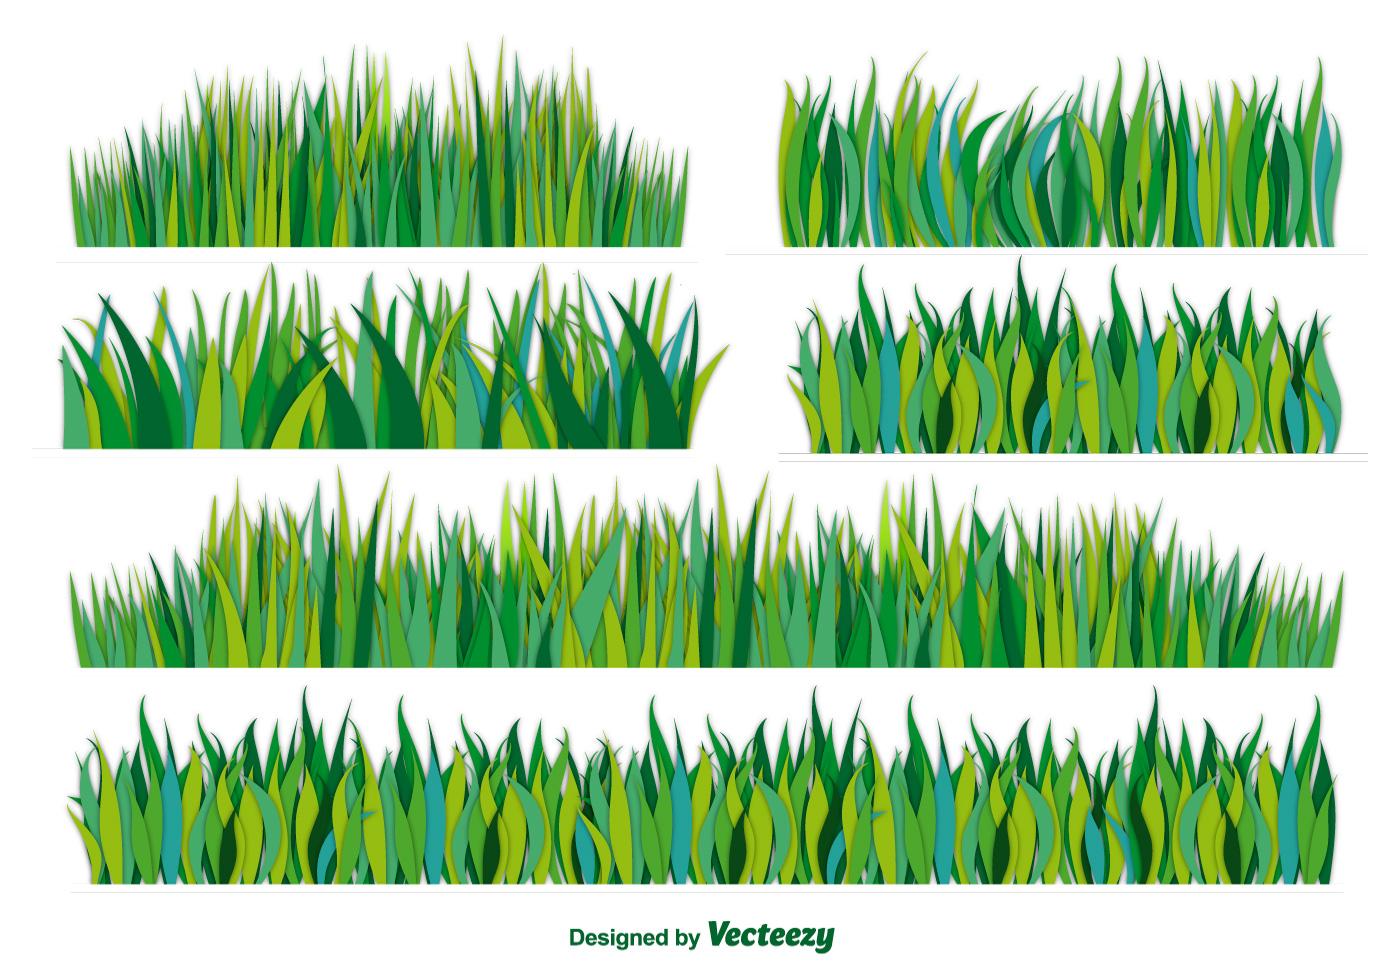 flat grass free vector art 12750 free downloads rh vecteezy com Grass Clip Art grass clipart vector free download